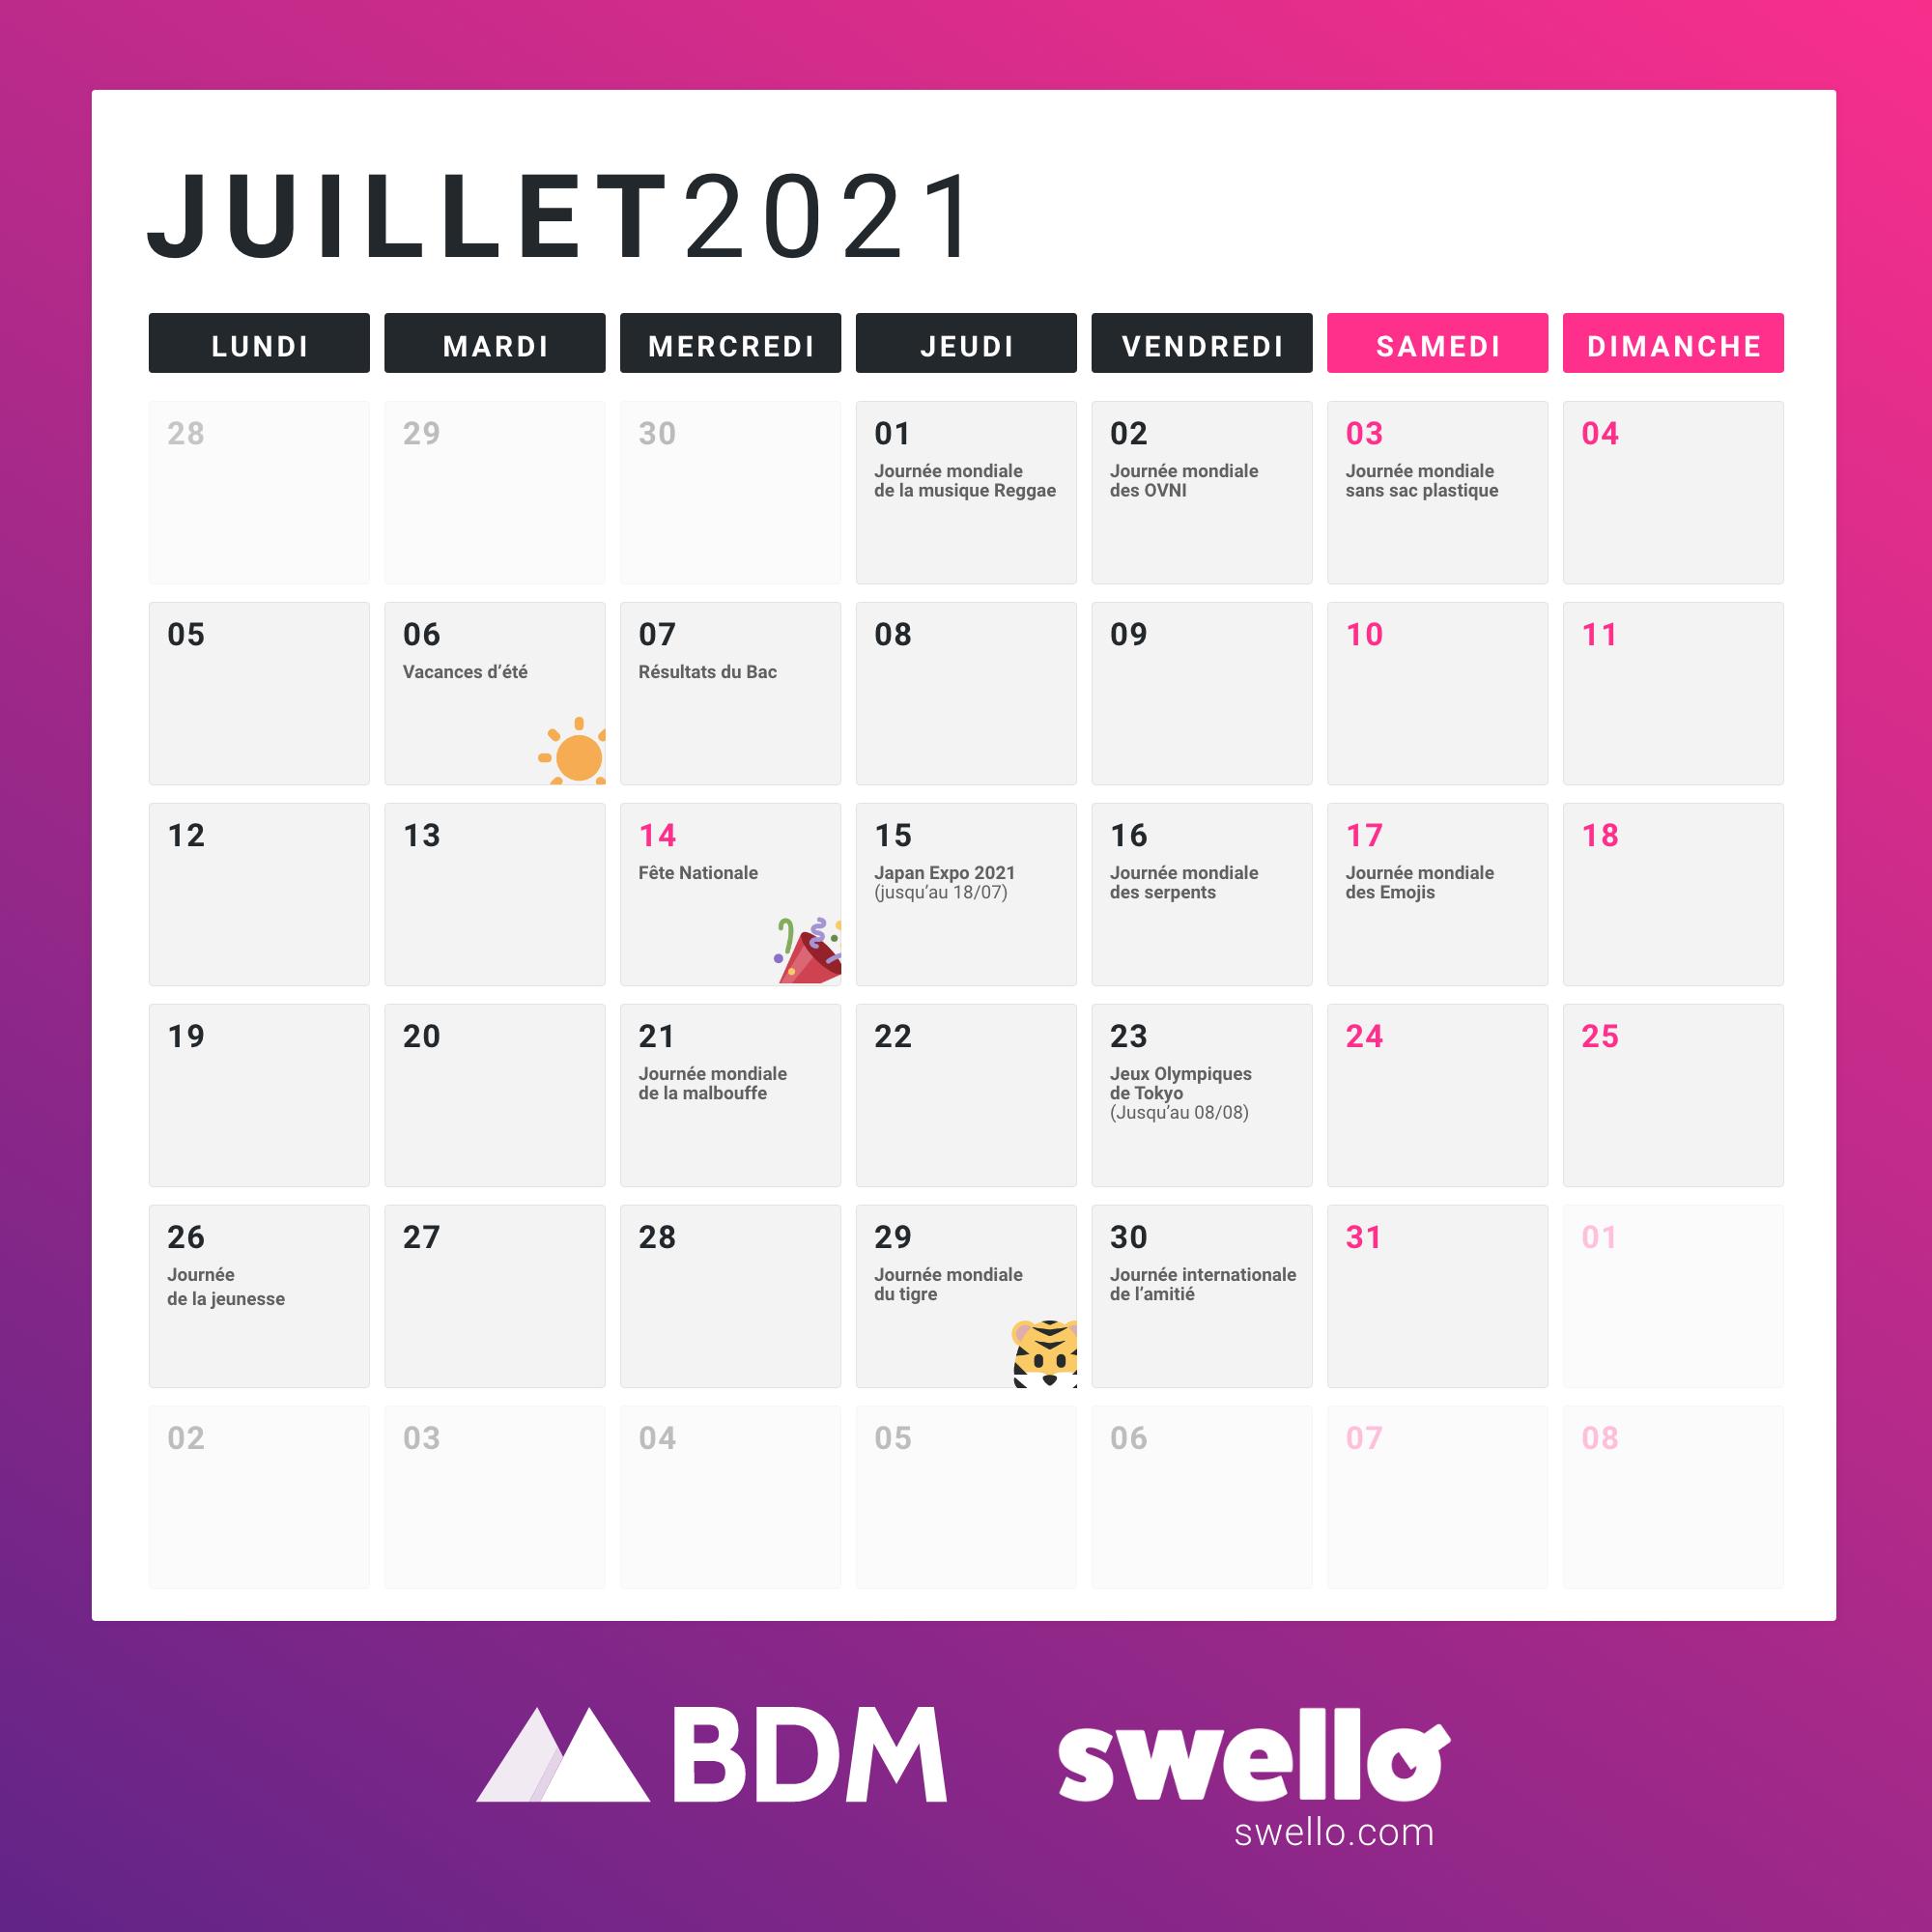 Calendrier Social Media 2021 Juillet